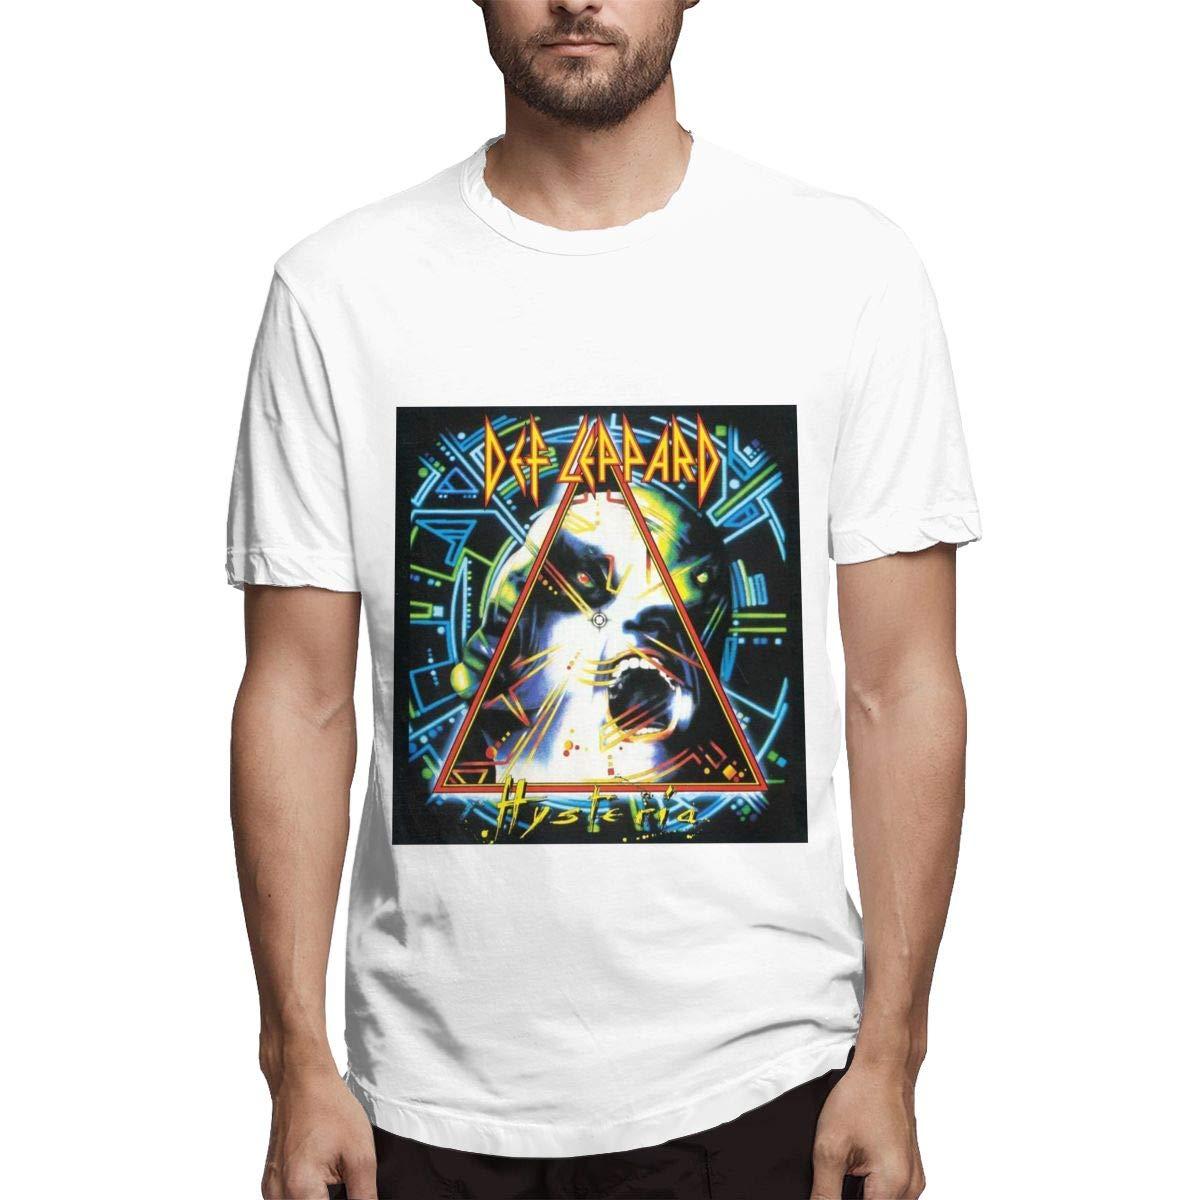 Lihehen S Def Leppard Round Neck Ts Shirts